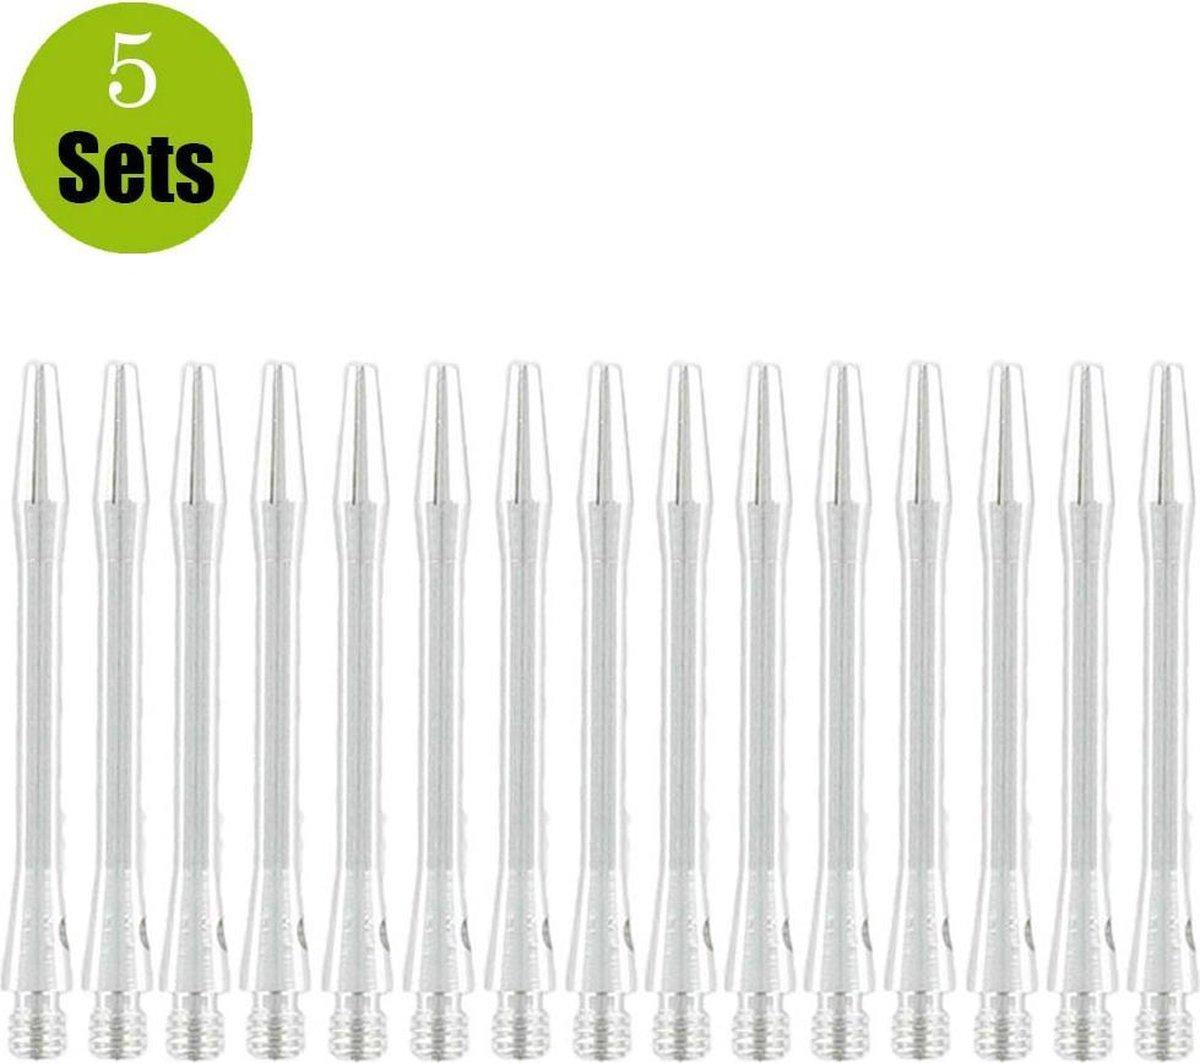 Aluminium Dart Shafts - Zilver - In Between - (5 Sets)